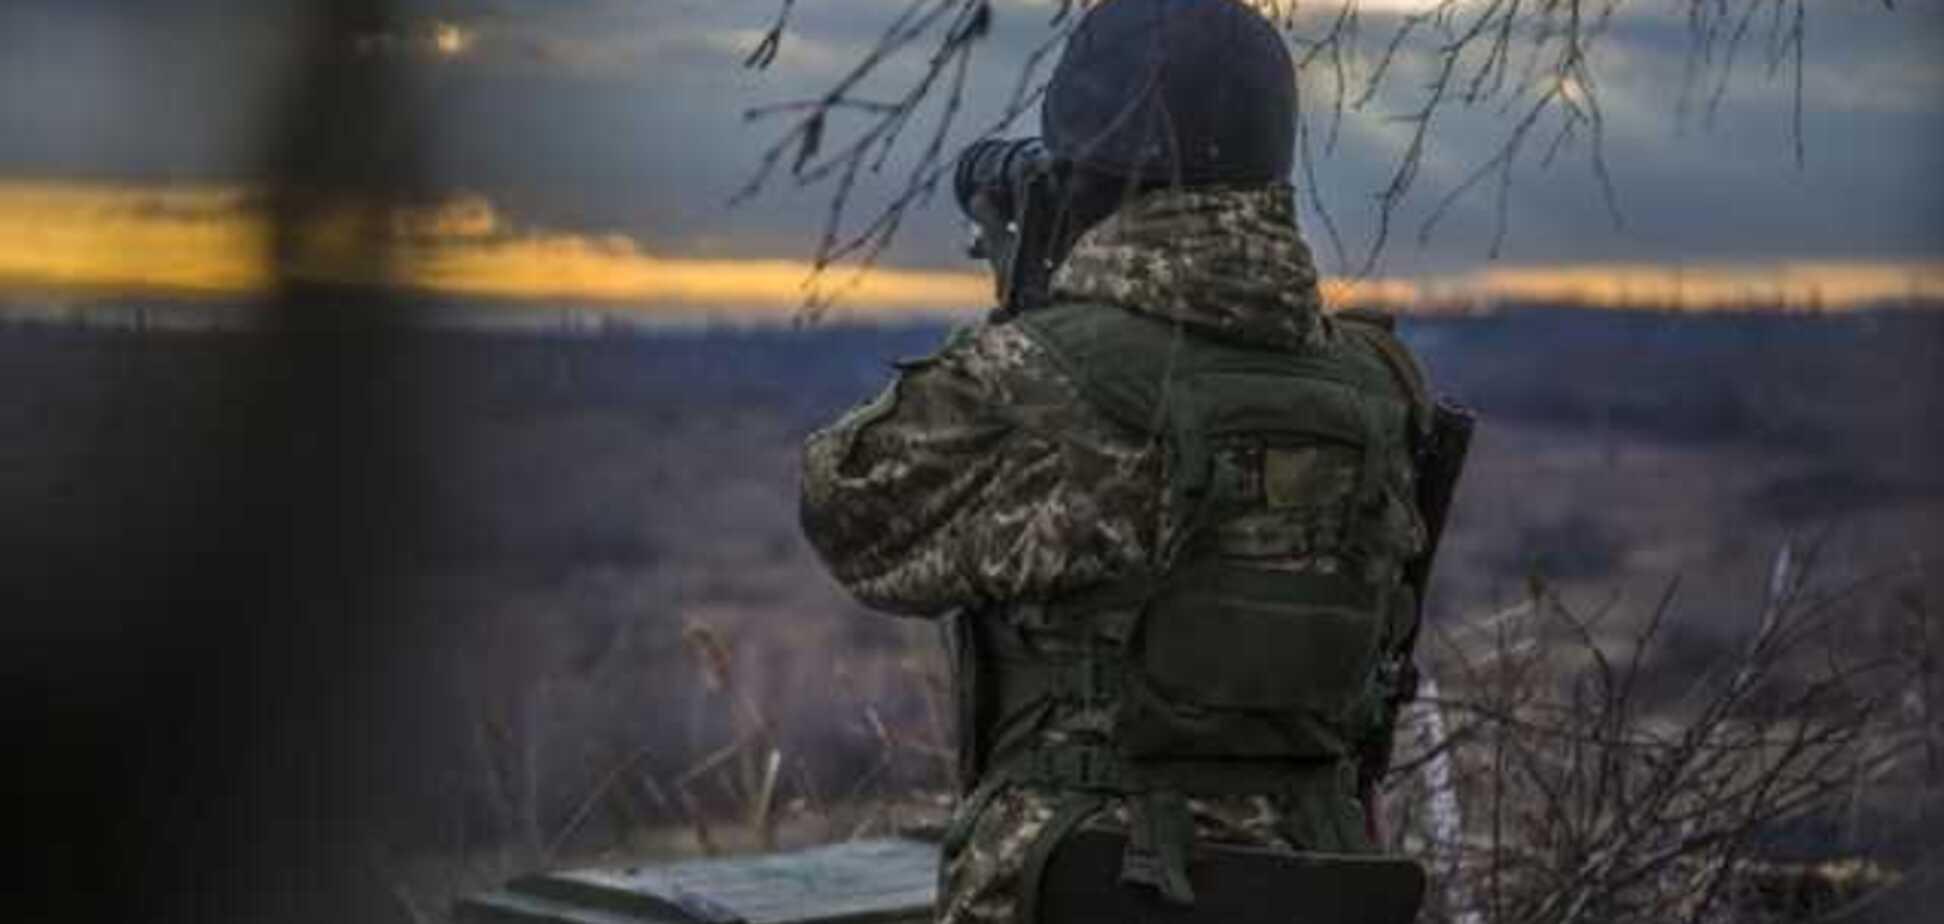 На Донбассе сорвано разведение сил: в ОС озвучили трагические новости